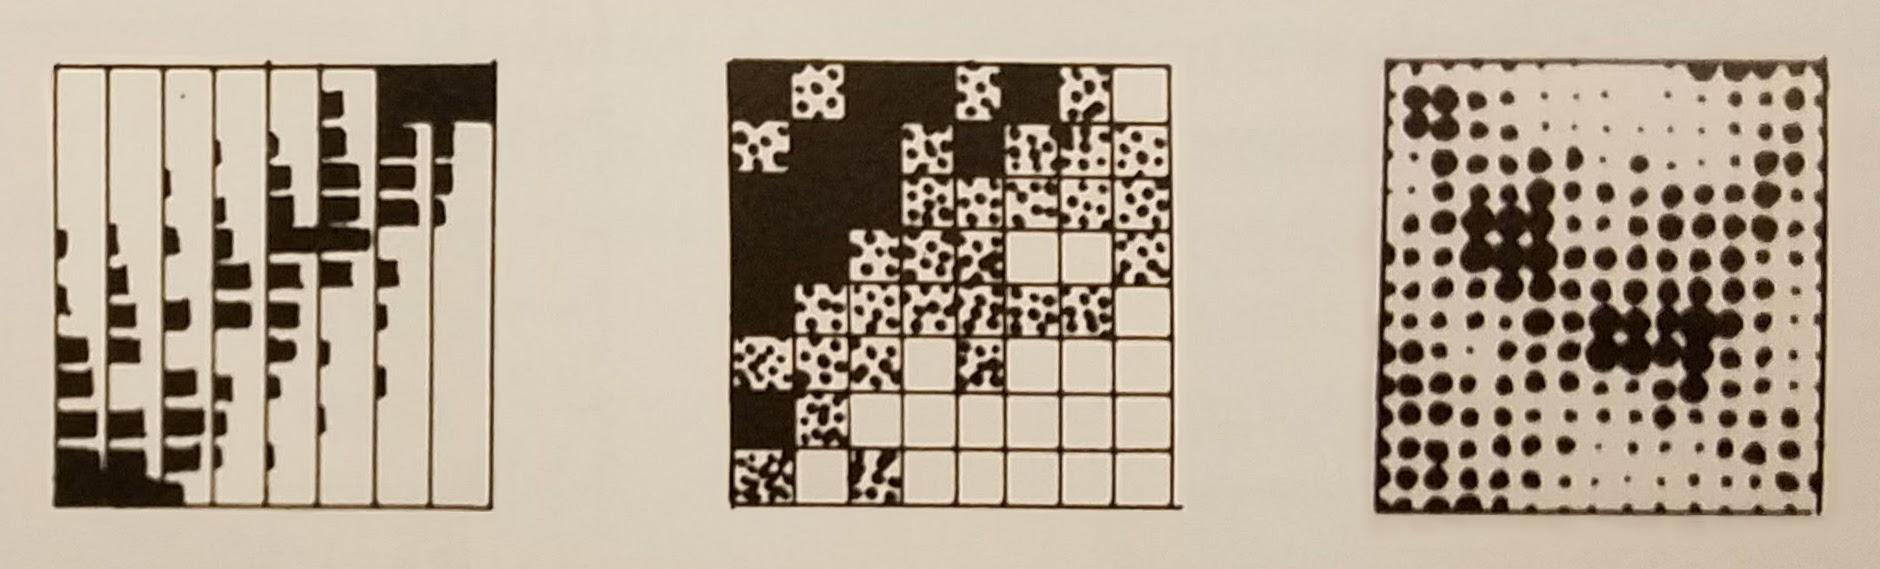 Spot Matrix in R with ggplot2 • dgopstein